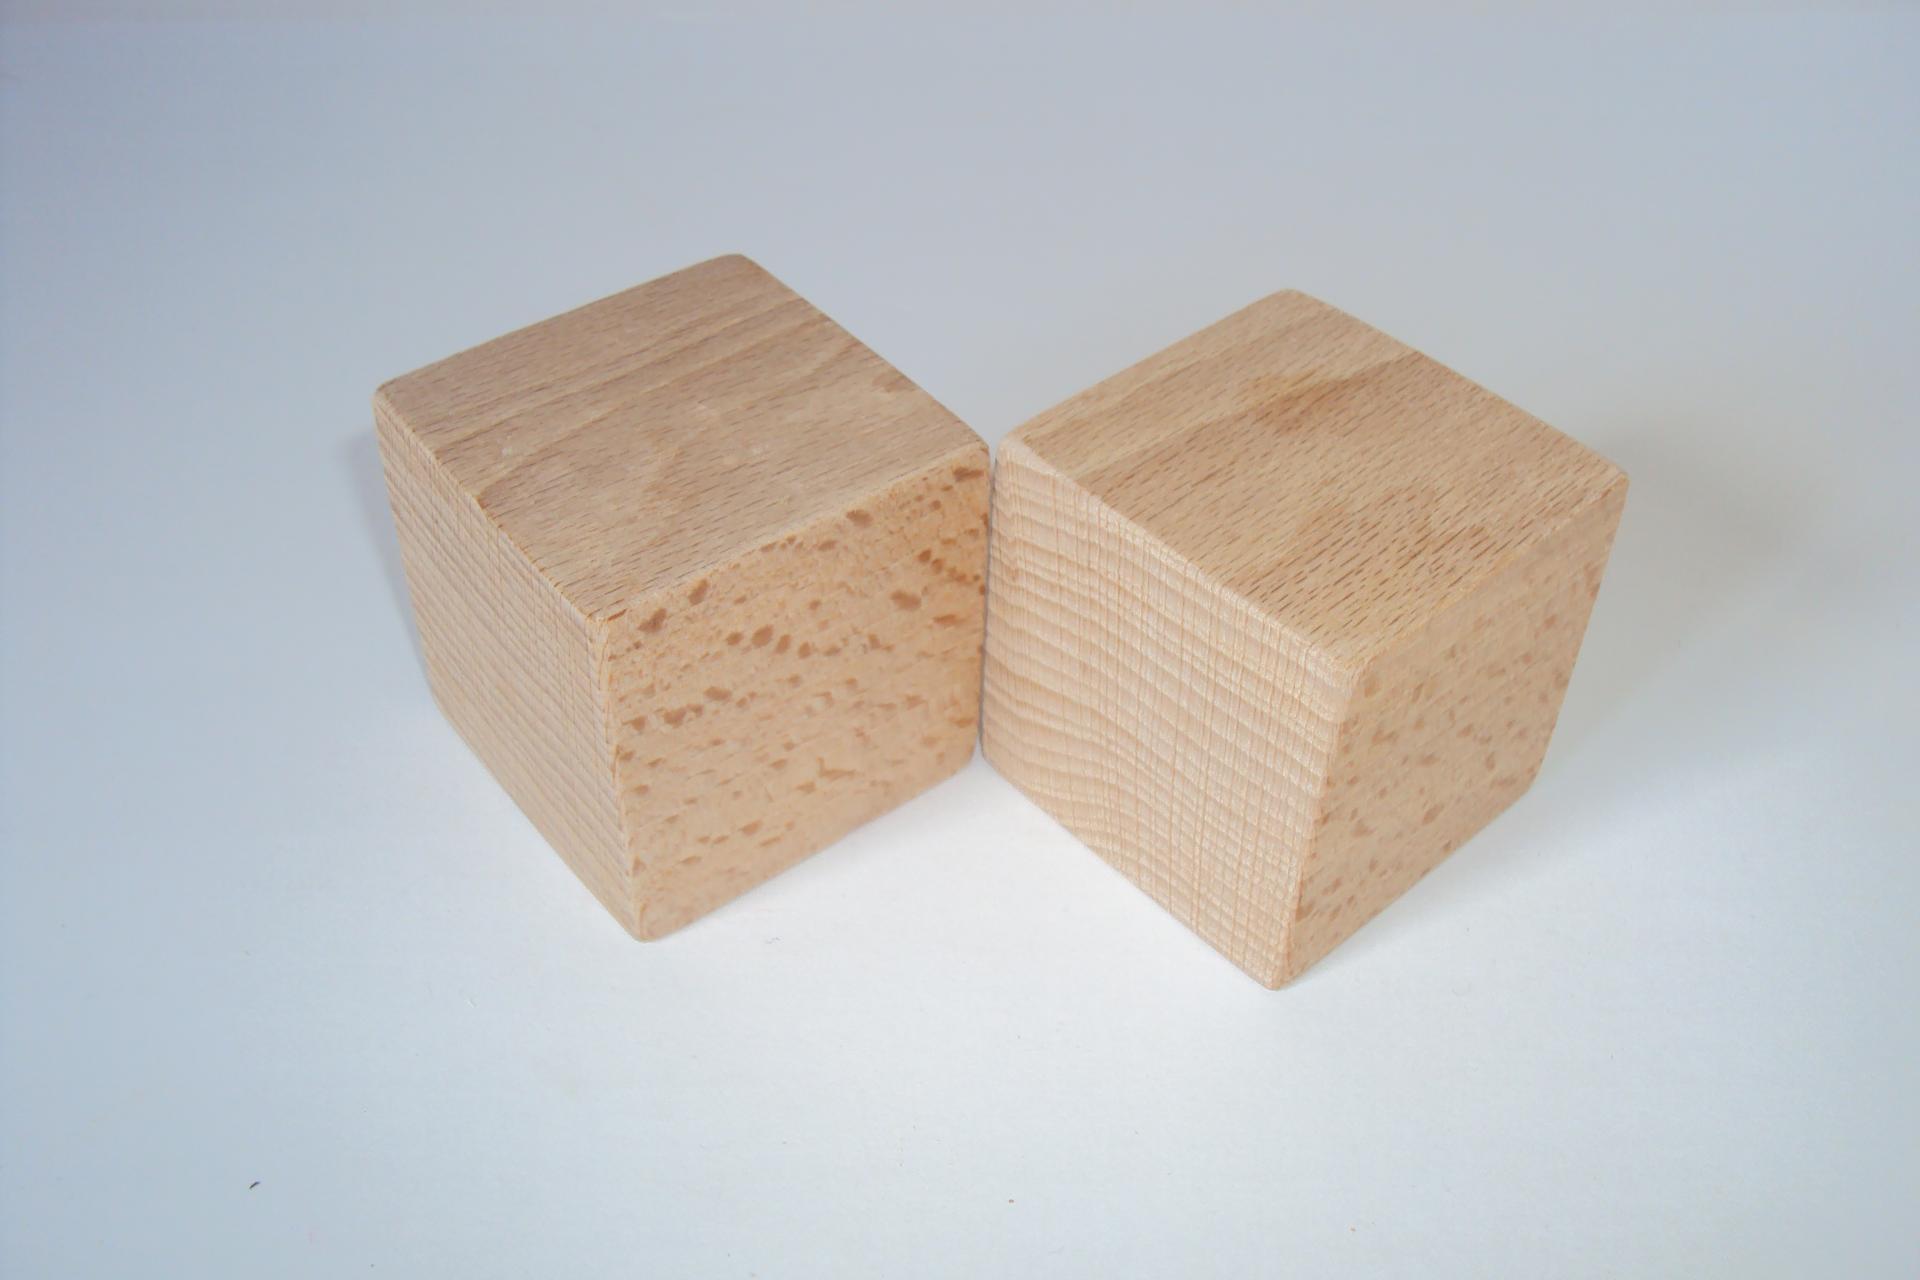 Cube 5 cm